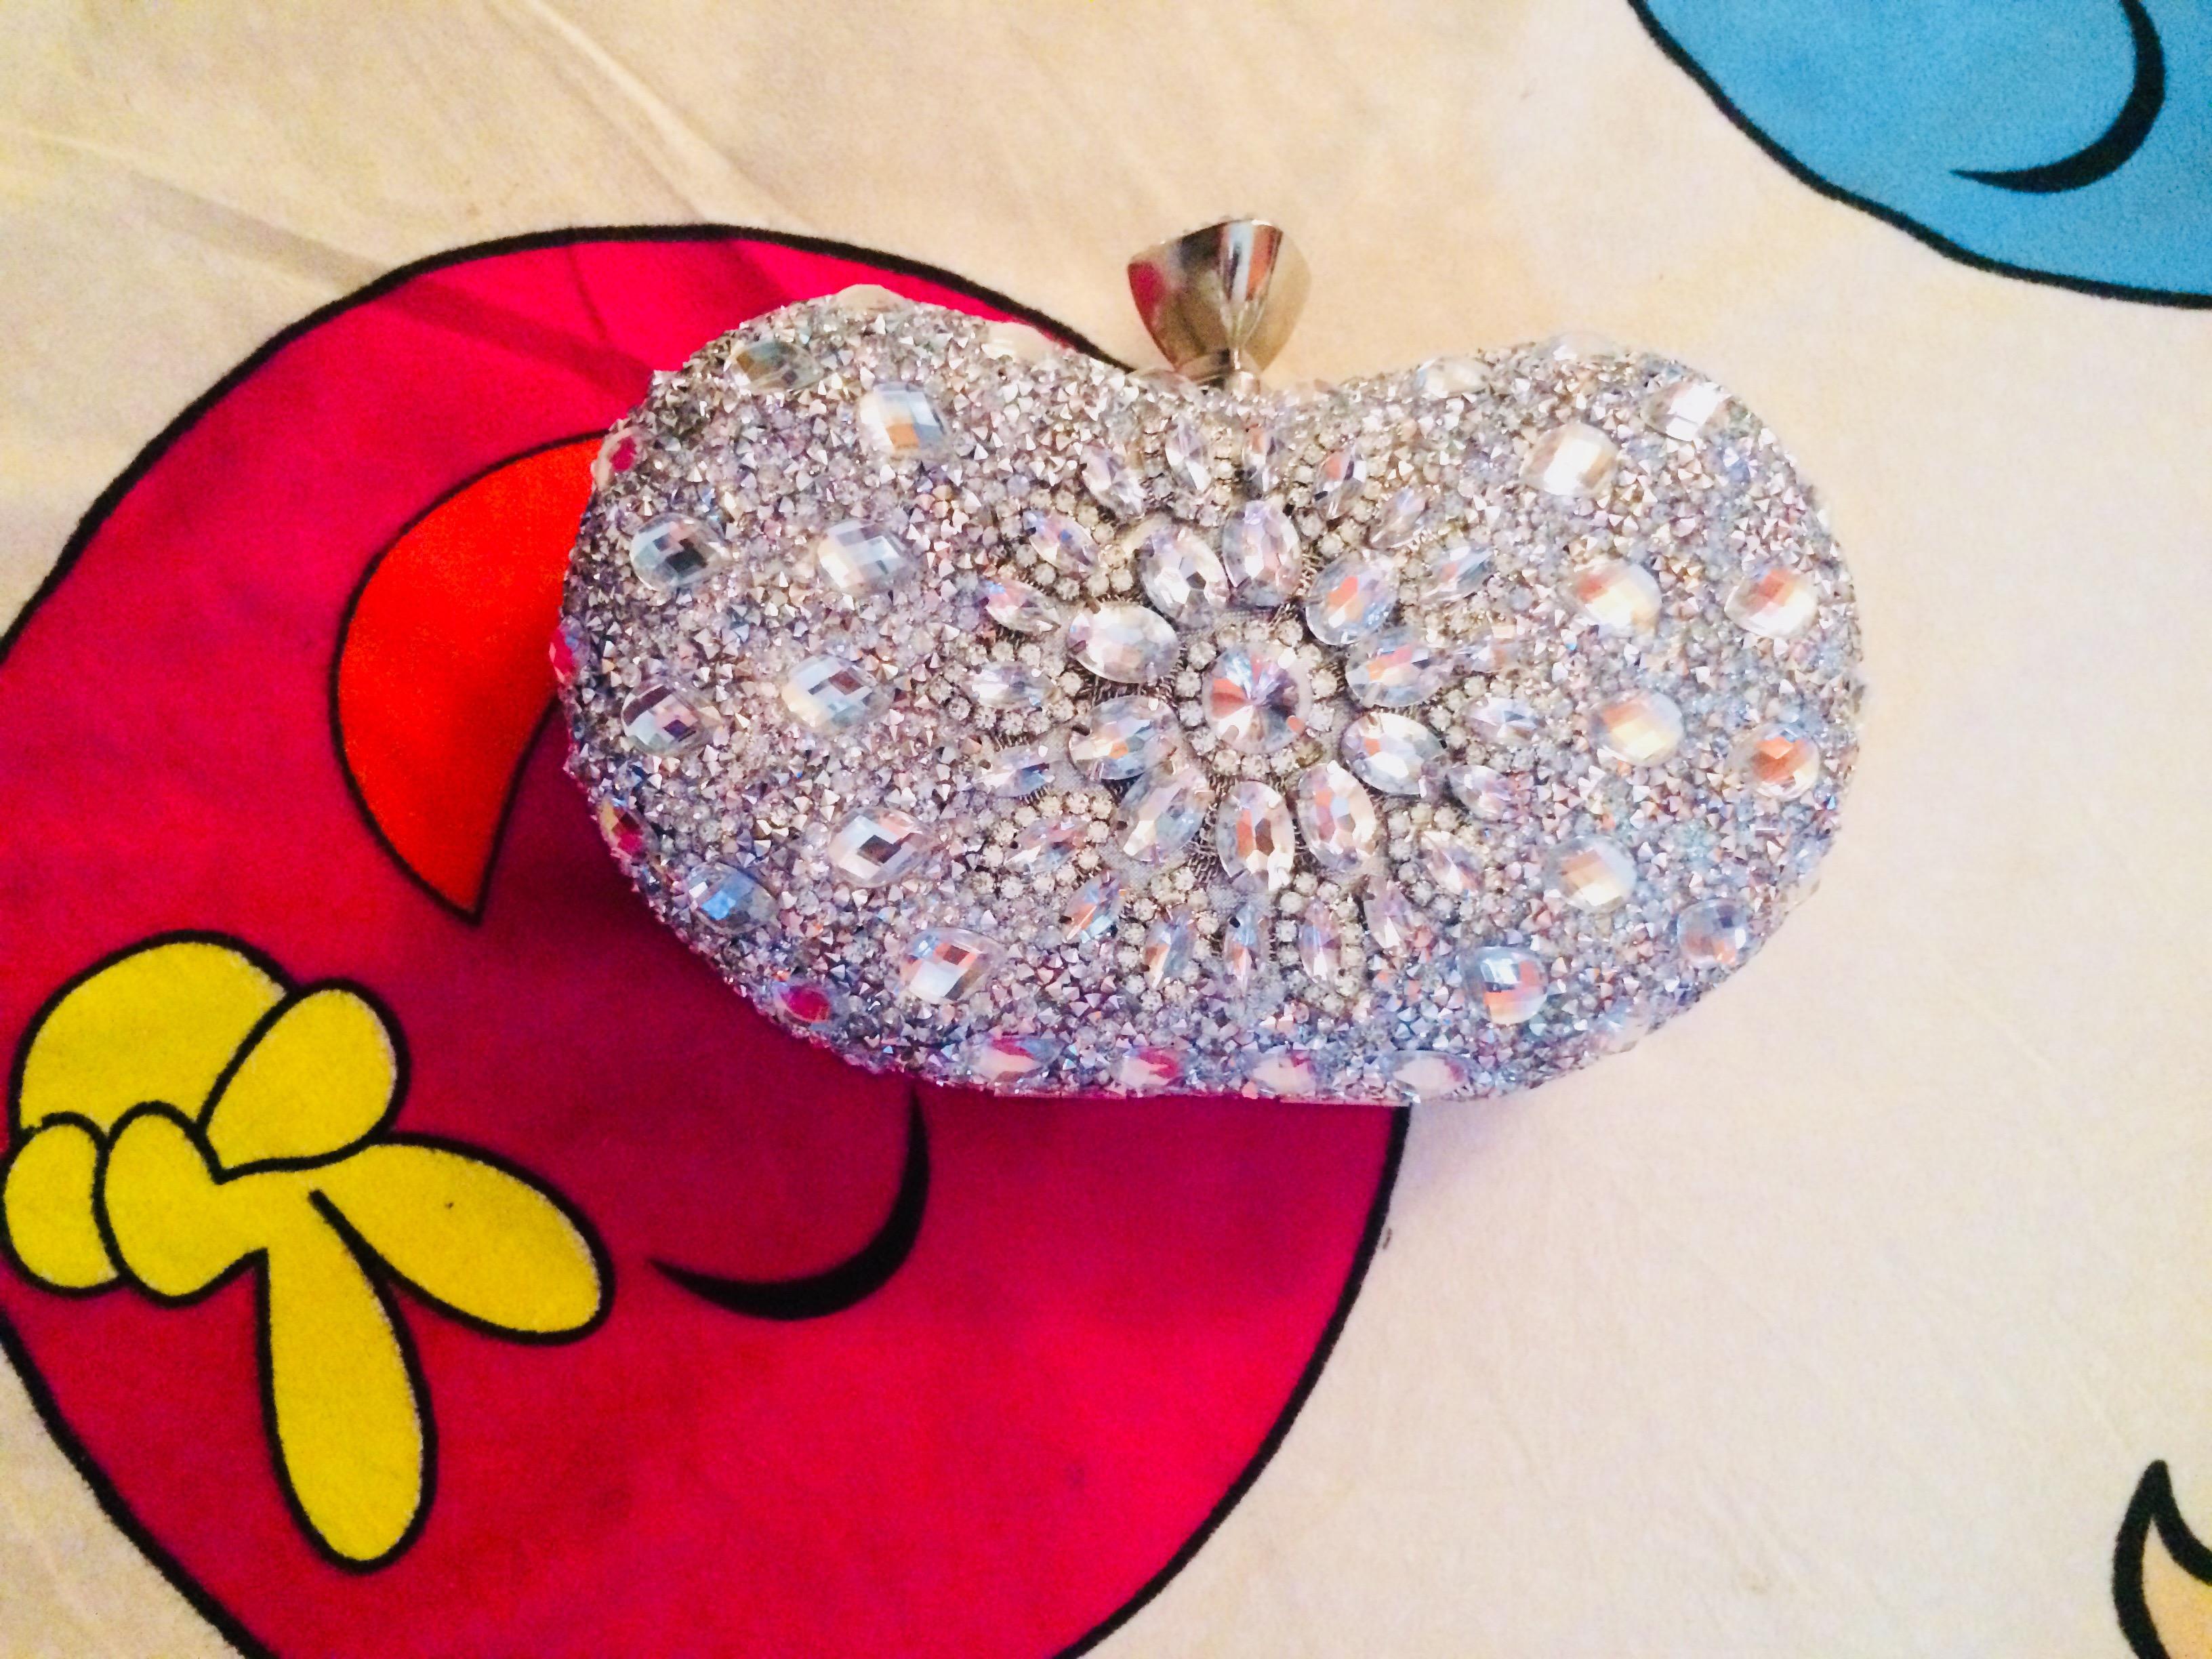 The bride's clutch/purse